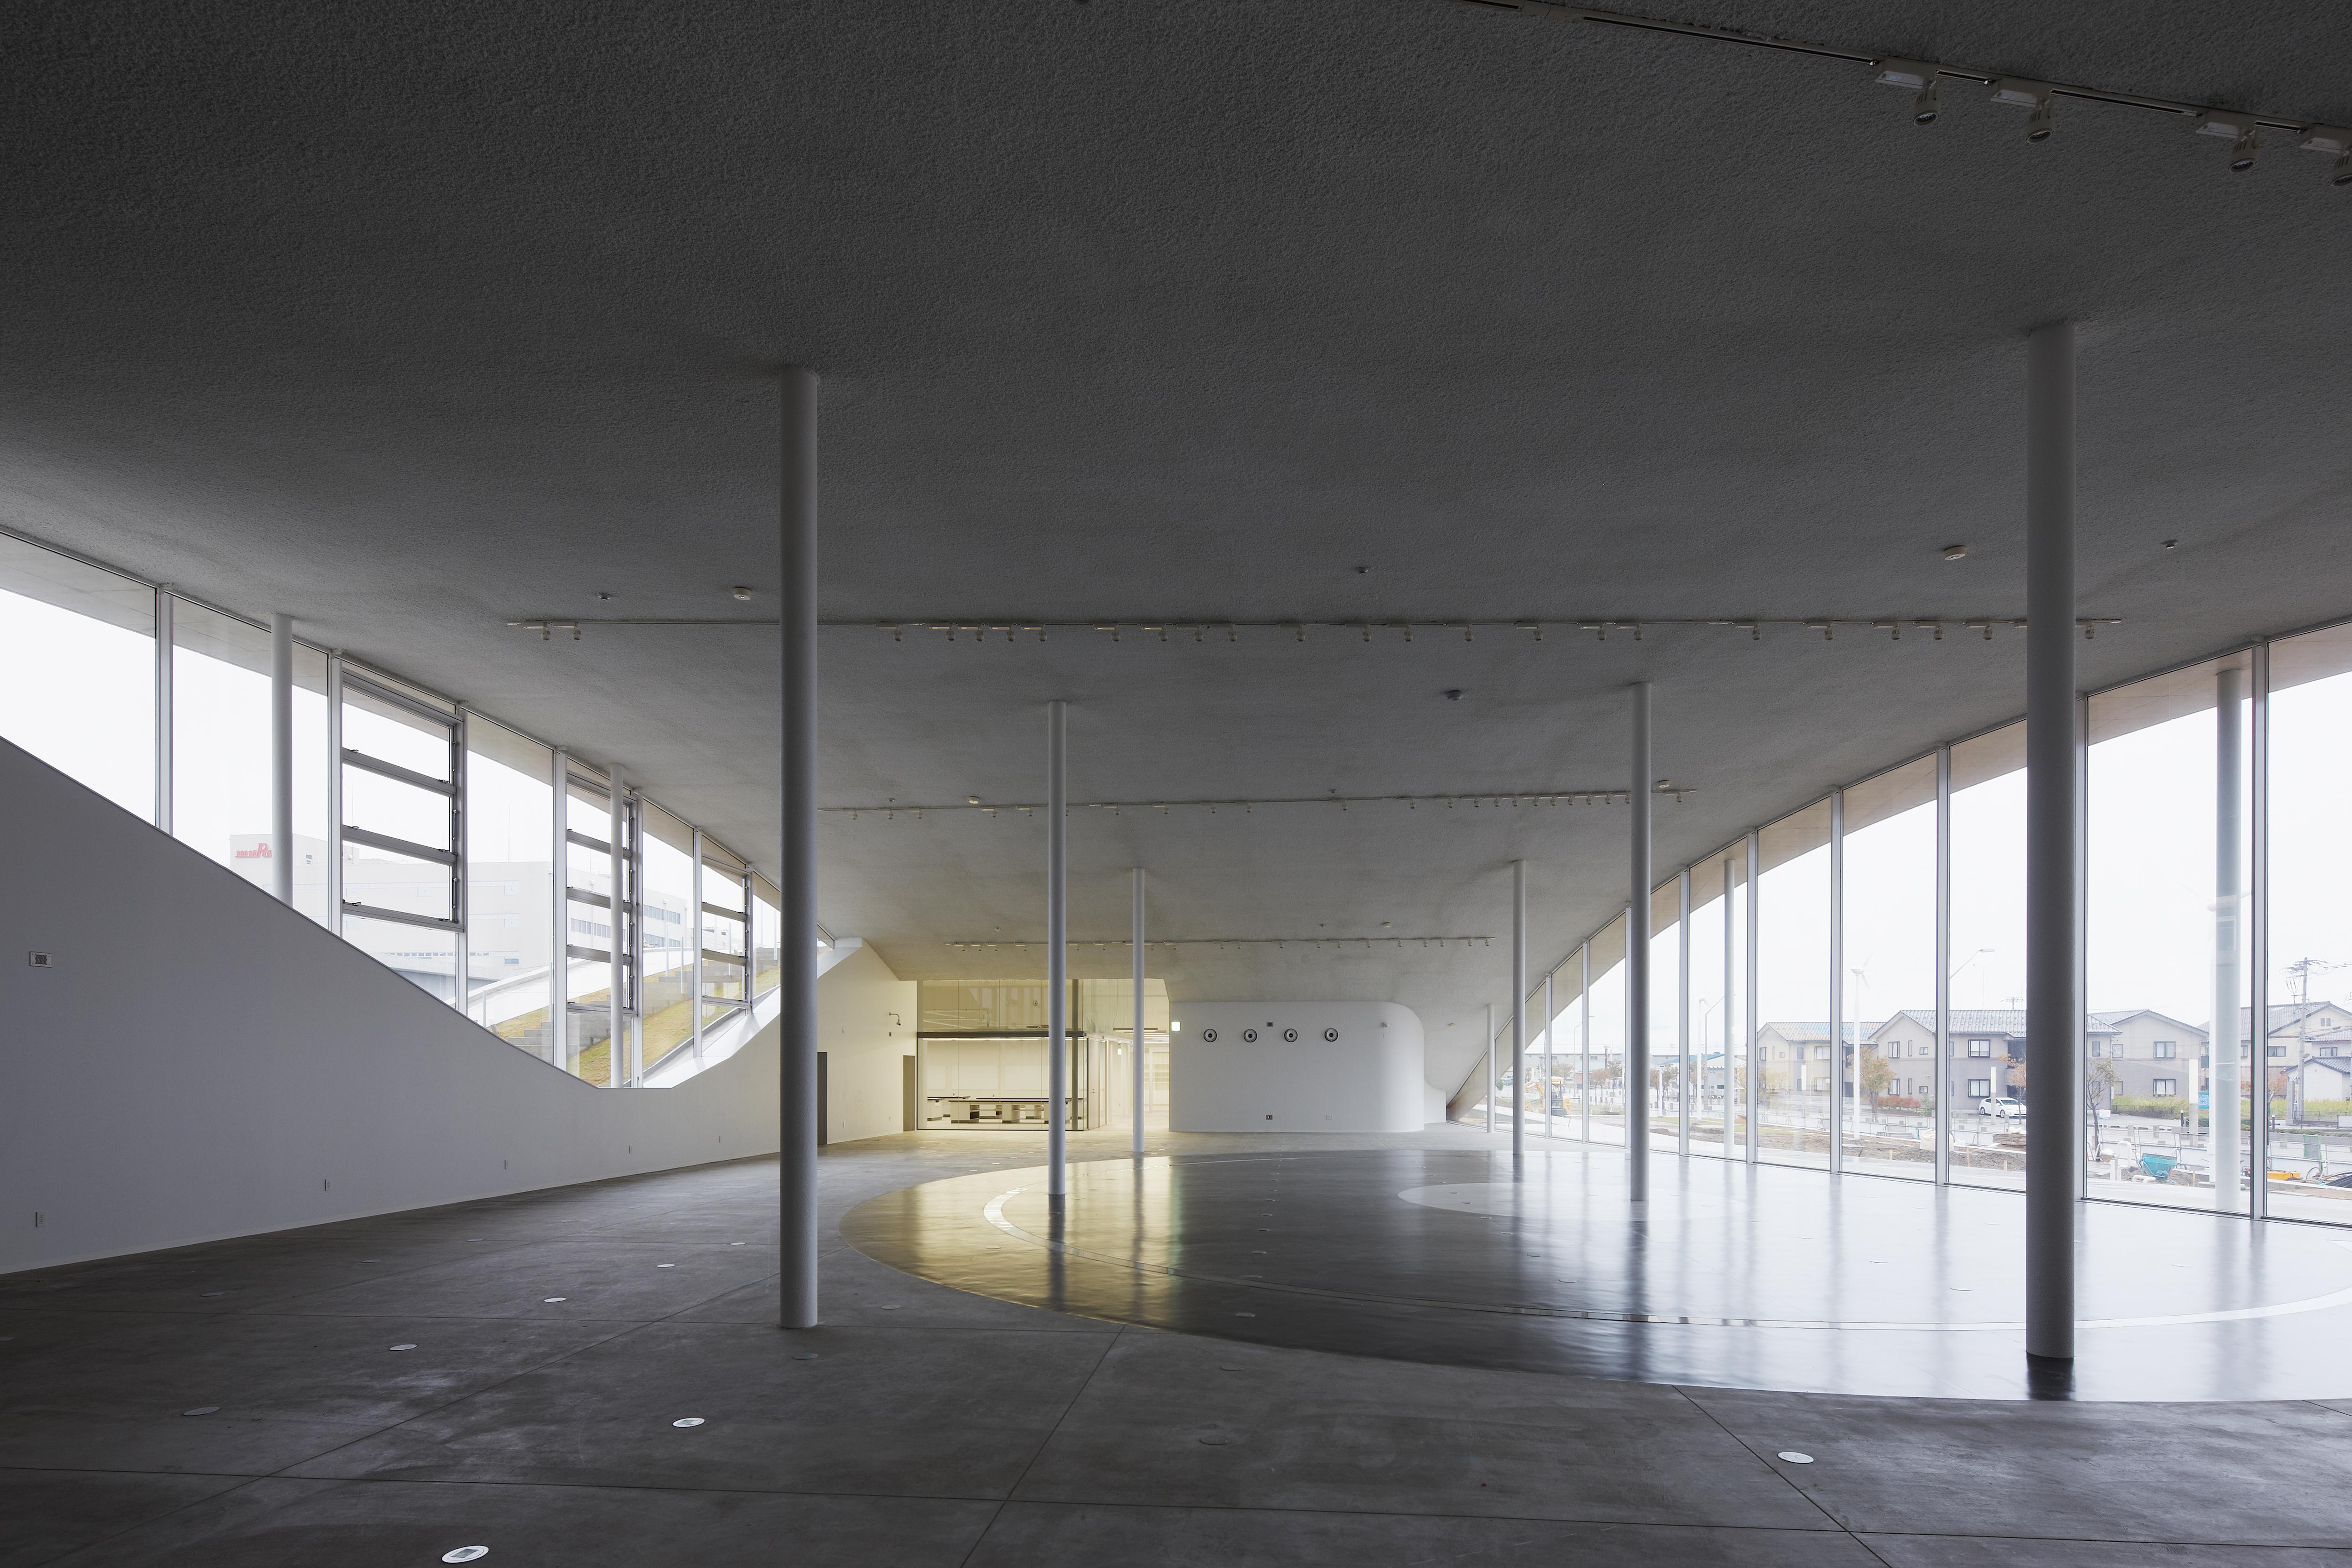 〔안정원의 건축 칼럼〕 경관과 통합하는 풍경화된 건축의 역동적이면서 실험적인 디자인 4